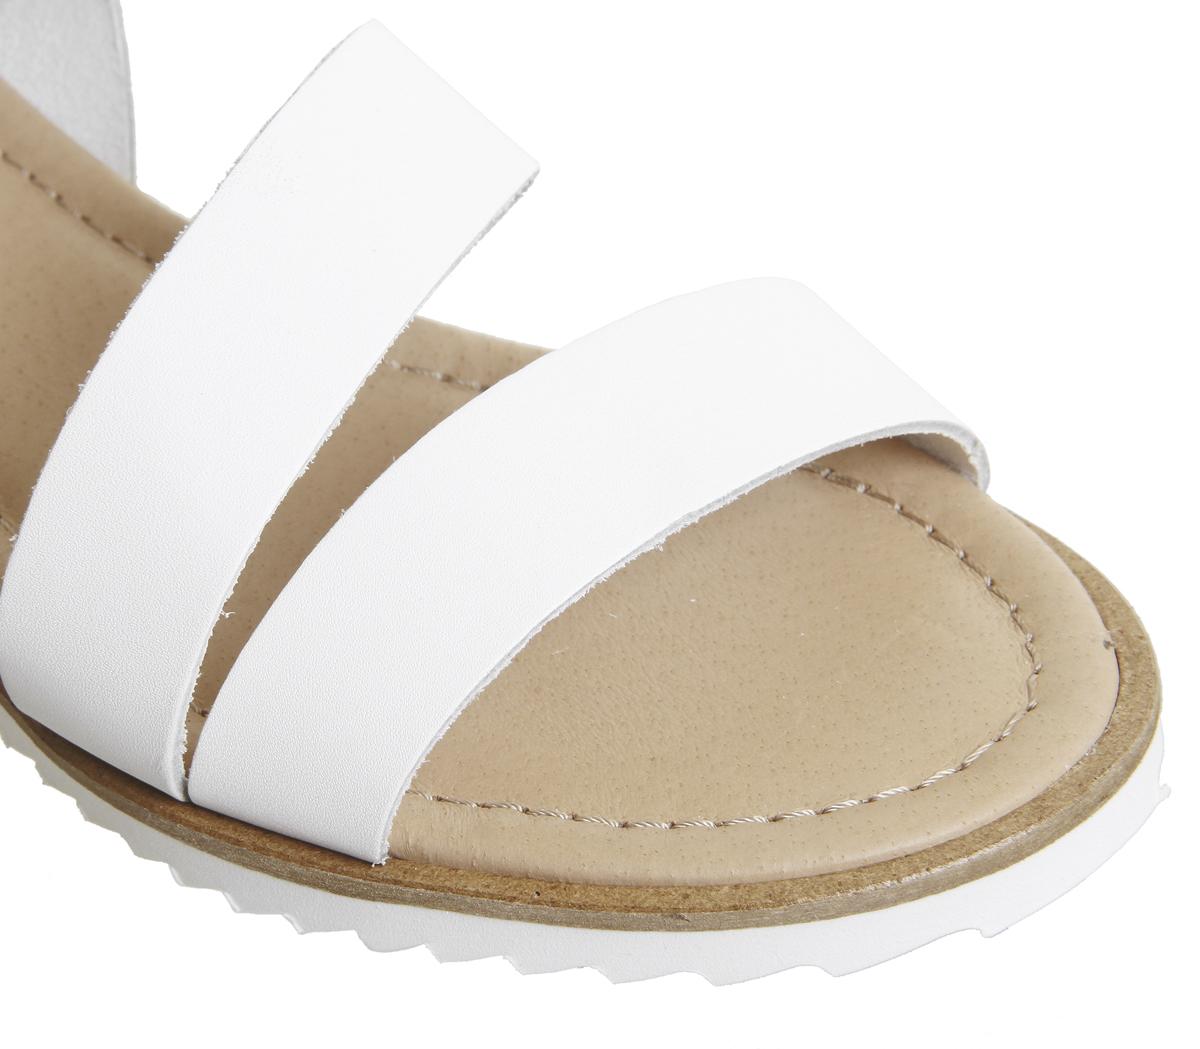 Damenschuhe Office Saltlake Saltlake Saltlake Ankle Strap Sandales Weiß Leder Sandales 17809f